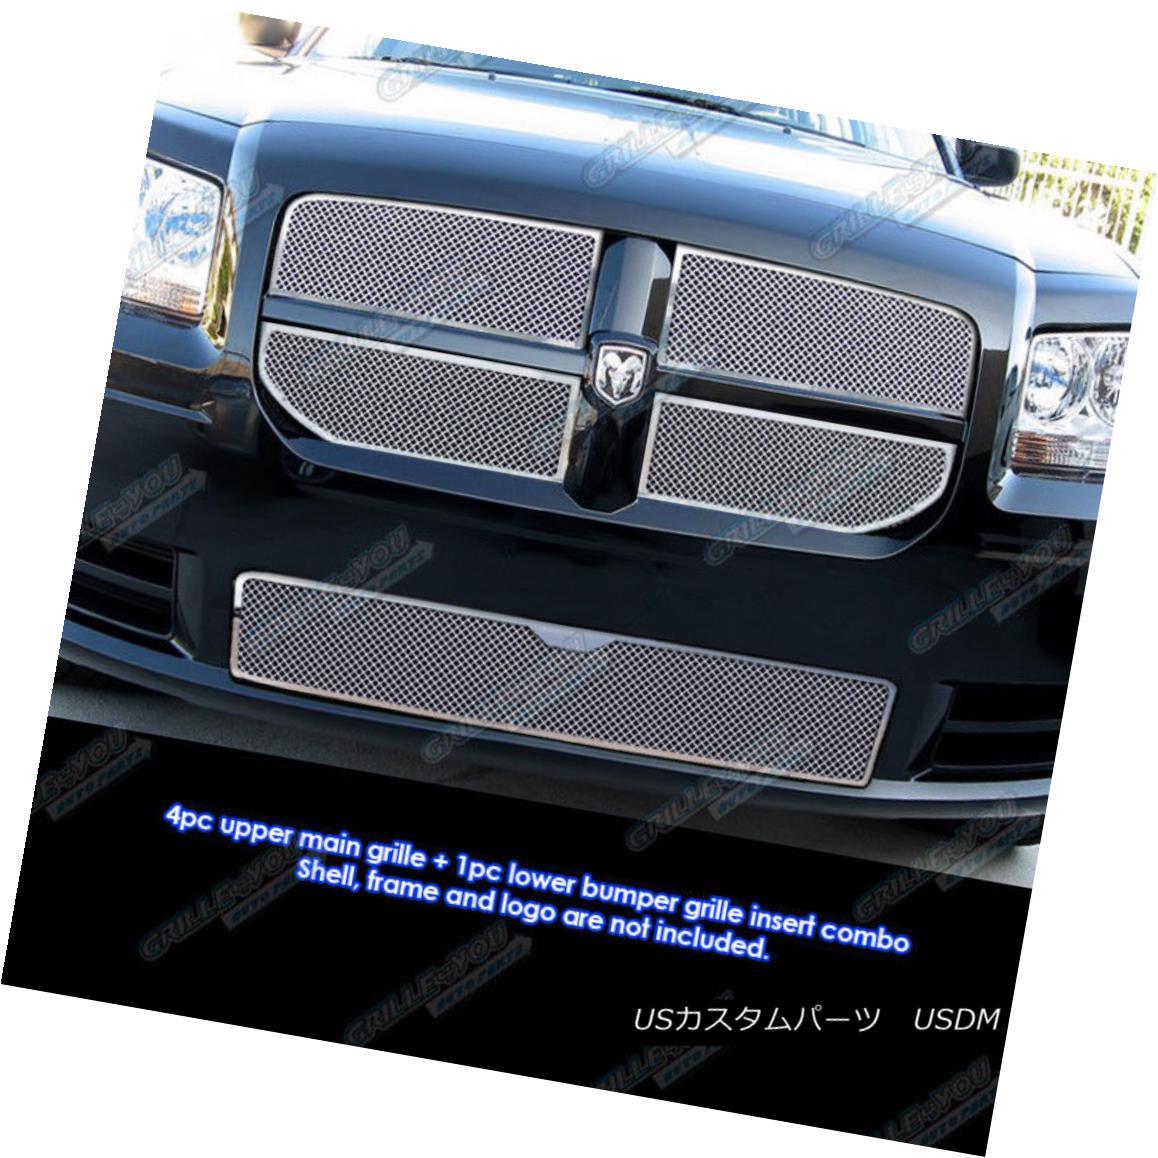 グリル Fits 2008 Dodge Magnum SE SXT R/T Stainless Steel Mesh Grille Combo Insert フィット2008年ダッジマグナムSE SXT R / Tステンレスメッシュグリルコンボインサート